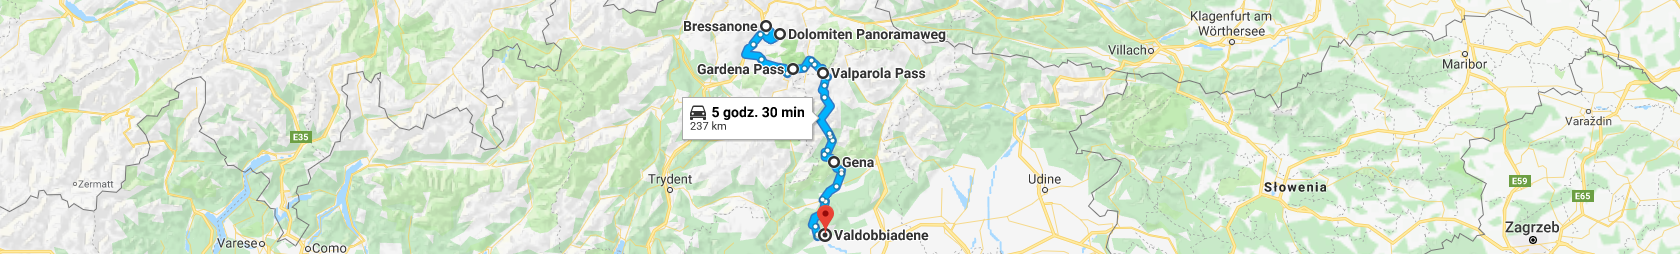 Trasa z Bressanone przez Plose, przełęcze Gardenia i Valparola do Valdobbiadene